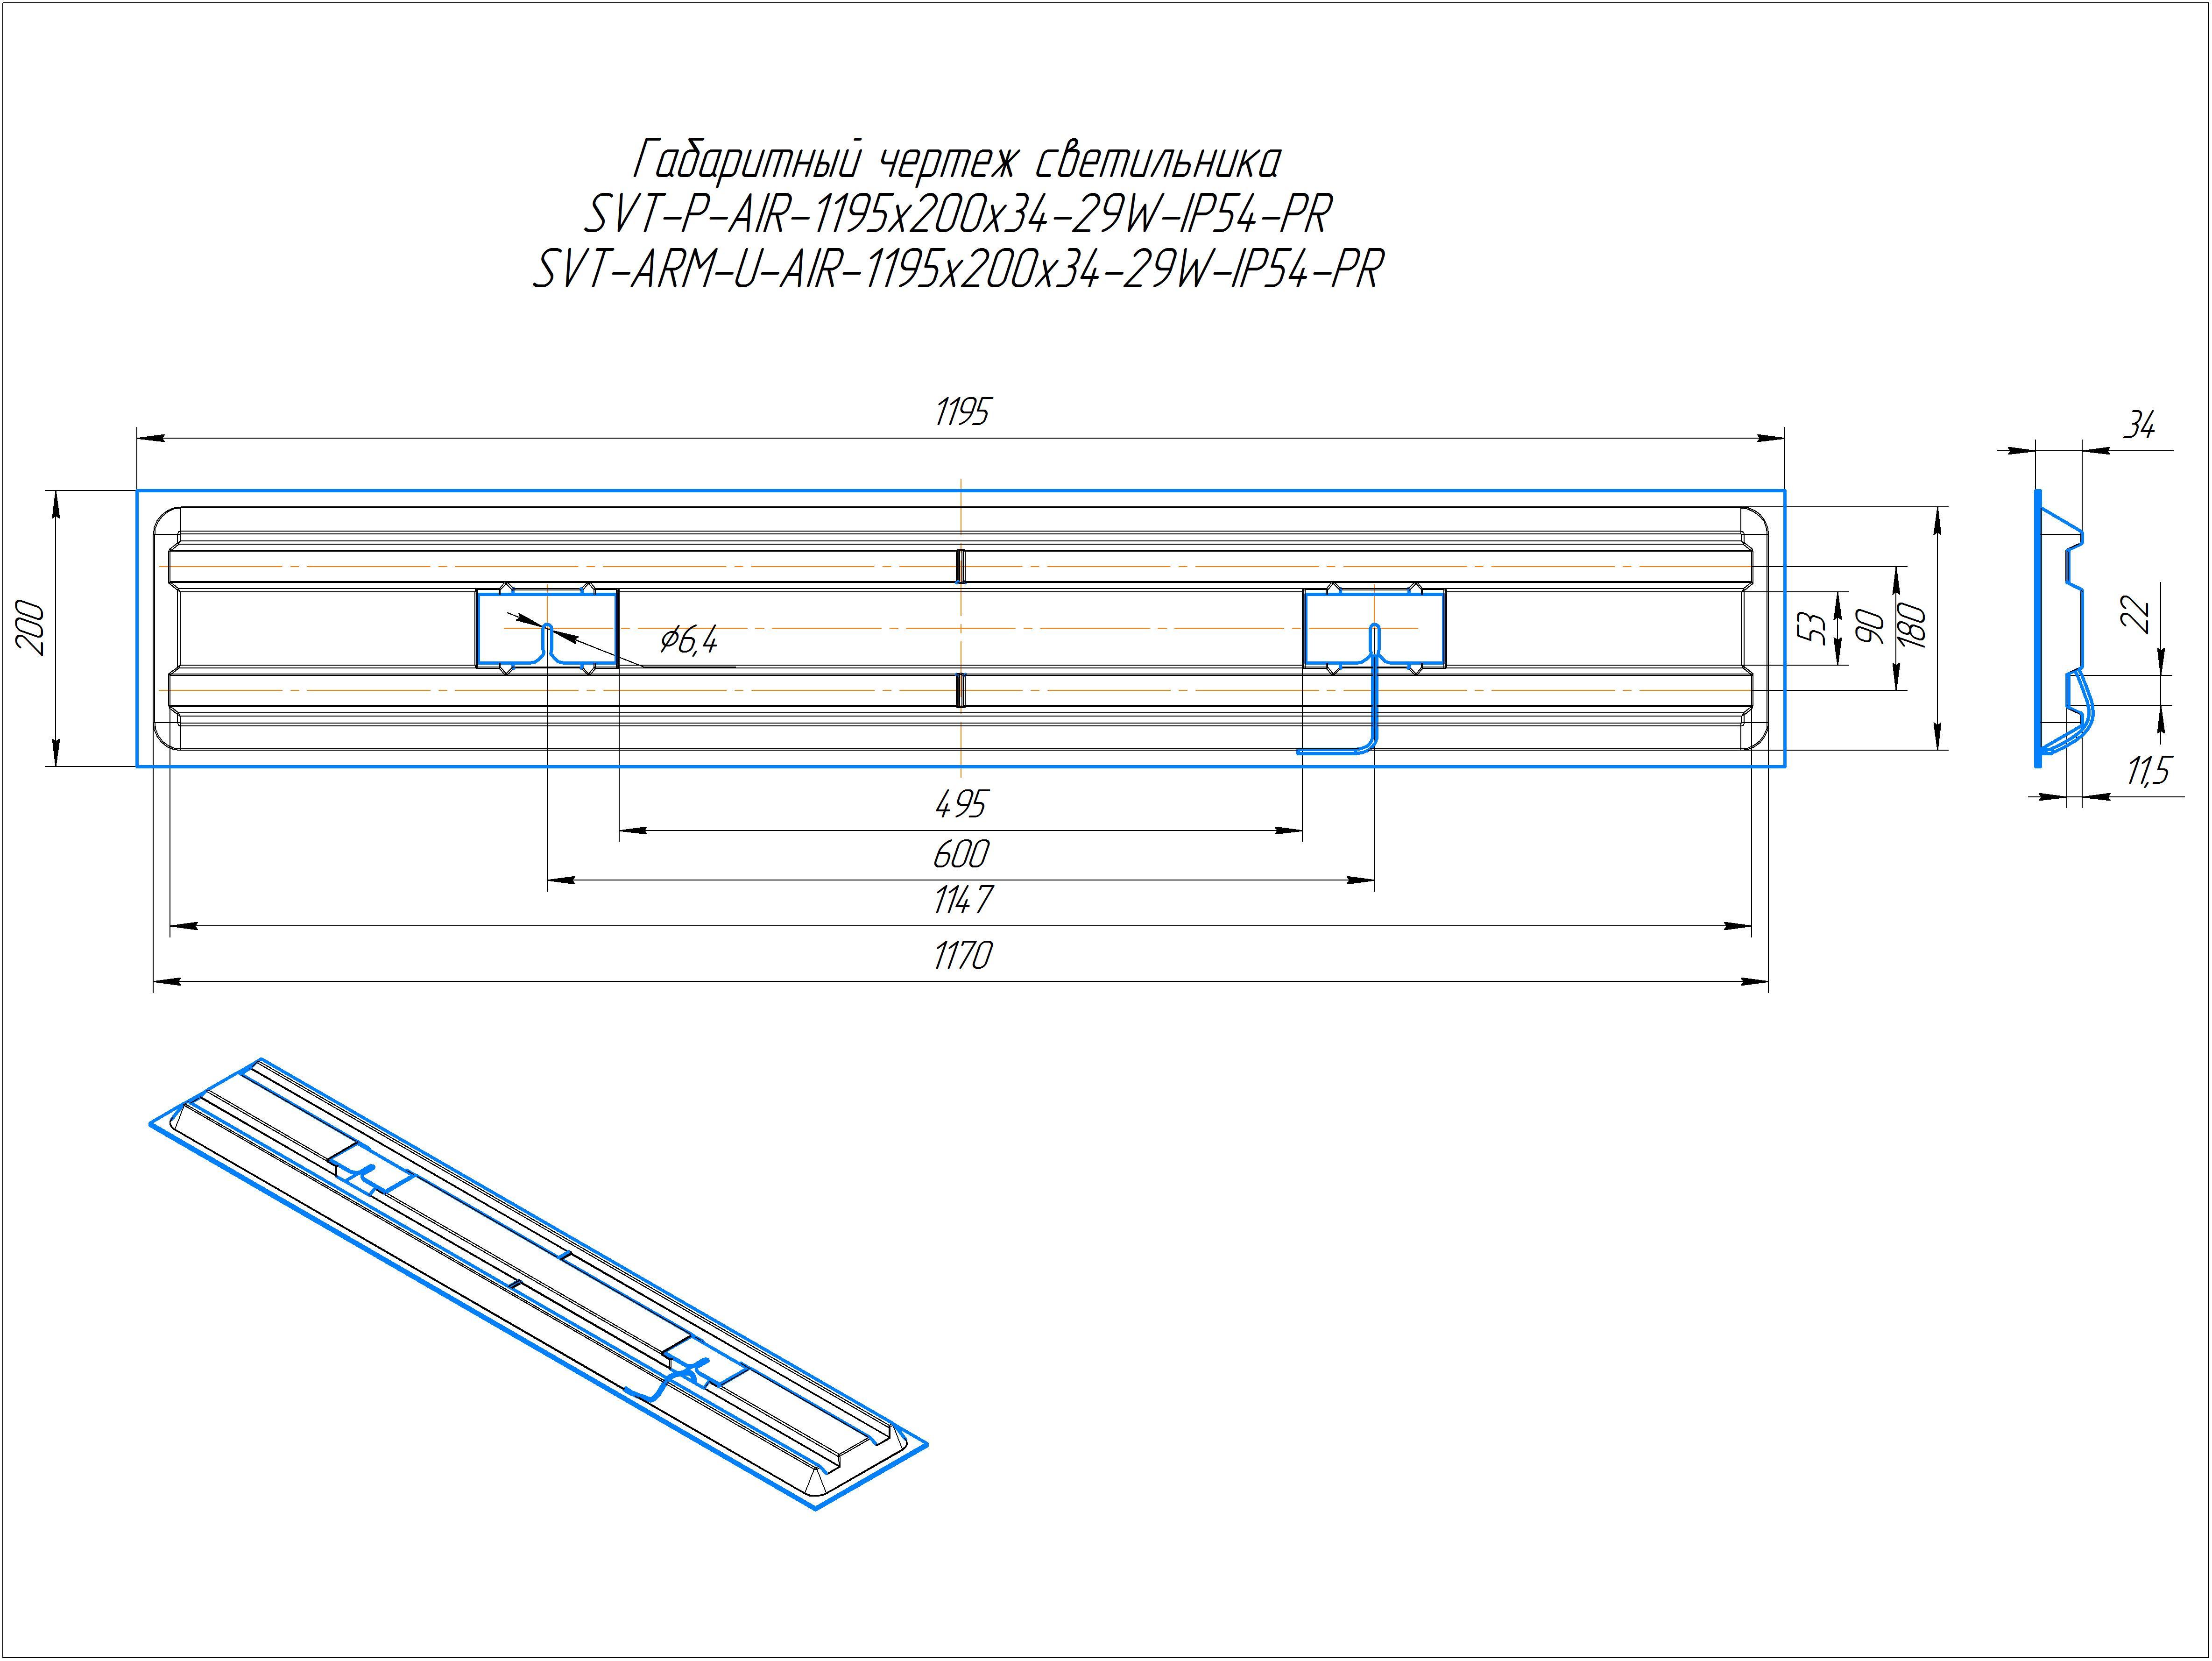 Светодиодный светильник армстронг SVT-ARM-U-AIR-1195x200x34-29Вт-IP54-PR-InBat